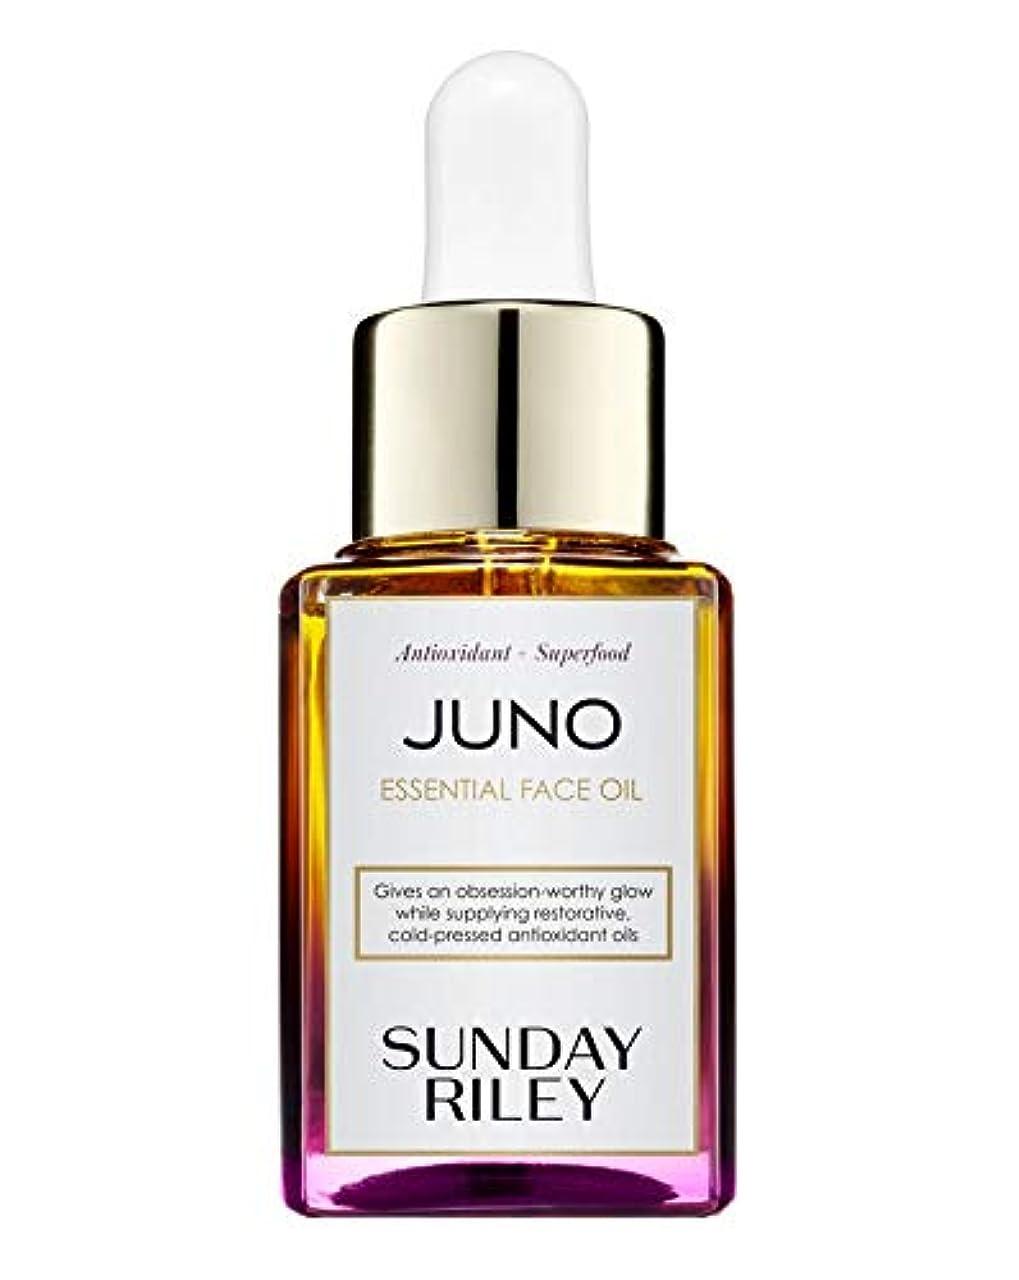 哺乳類店主クスコSunday Riley Juno Hydroactive Cellular Face Oil 15ml サンデーライリー ジュノ フェイスオイル